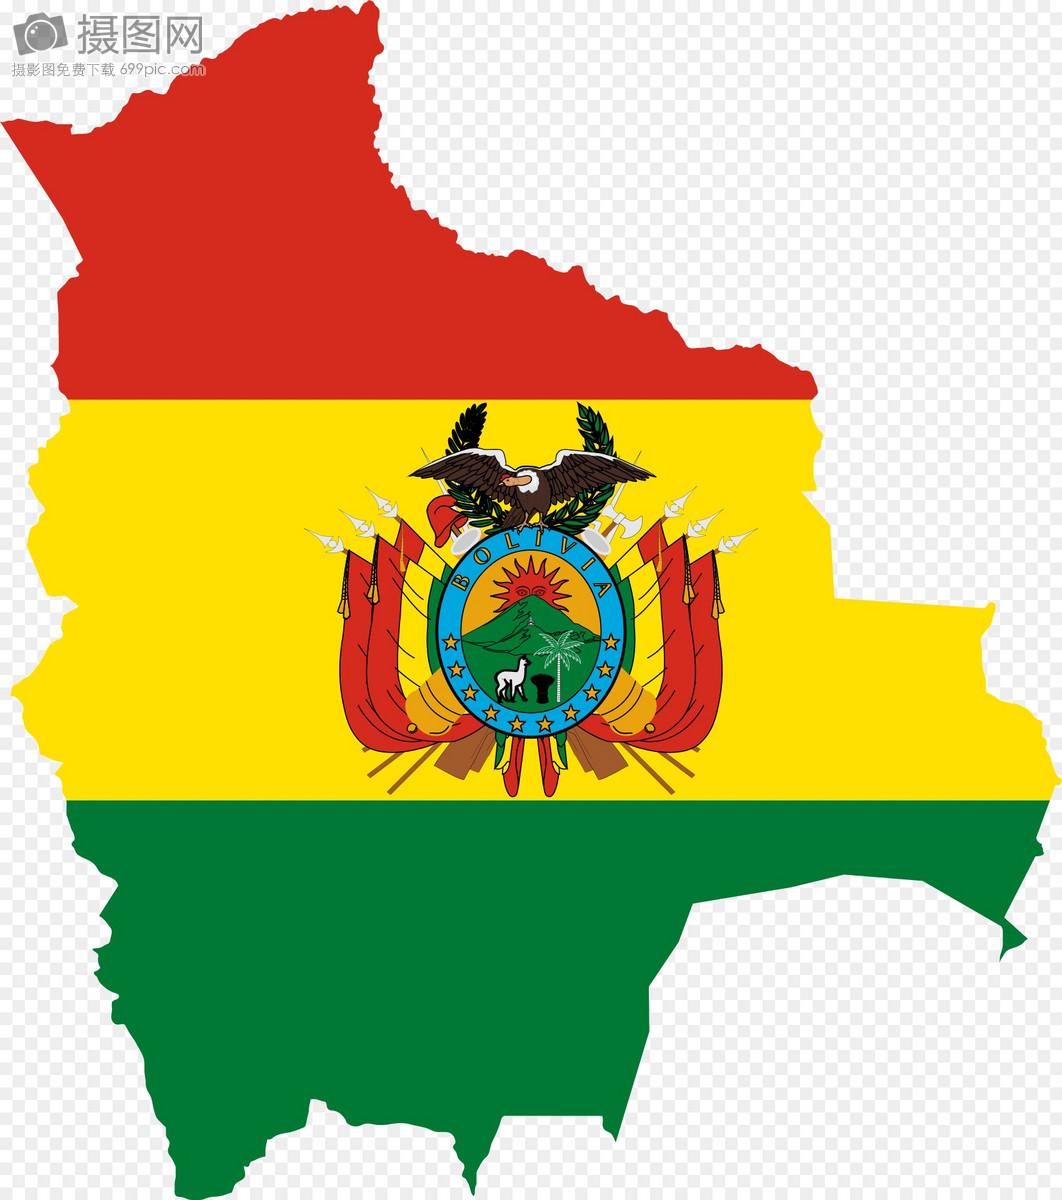 标签: 国家国旗地图自然彩色板块玻利维亚地图图片玻利维亚地图图片